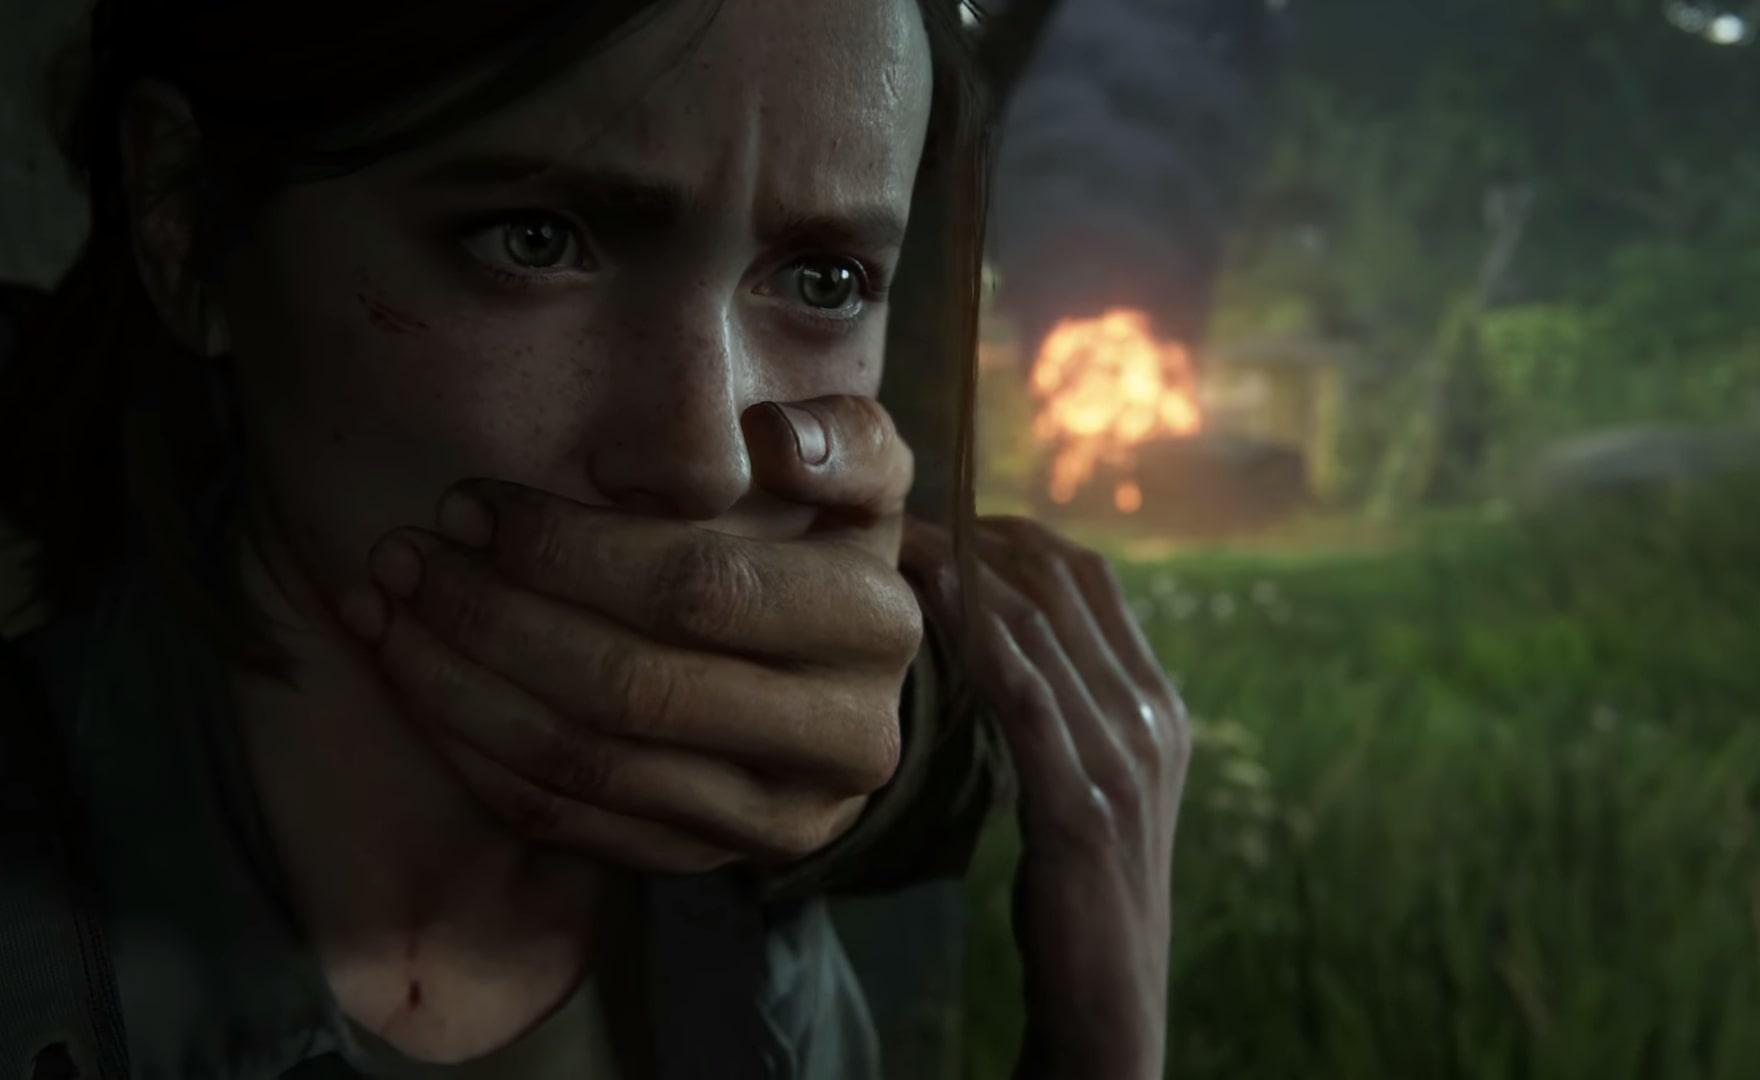 The Last of Us 2: i compagni sono più interessanti e utili, rispetto al primo capitolo